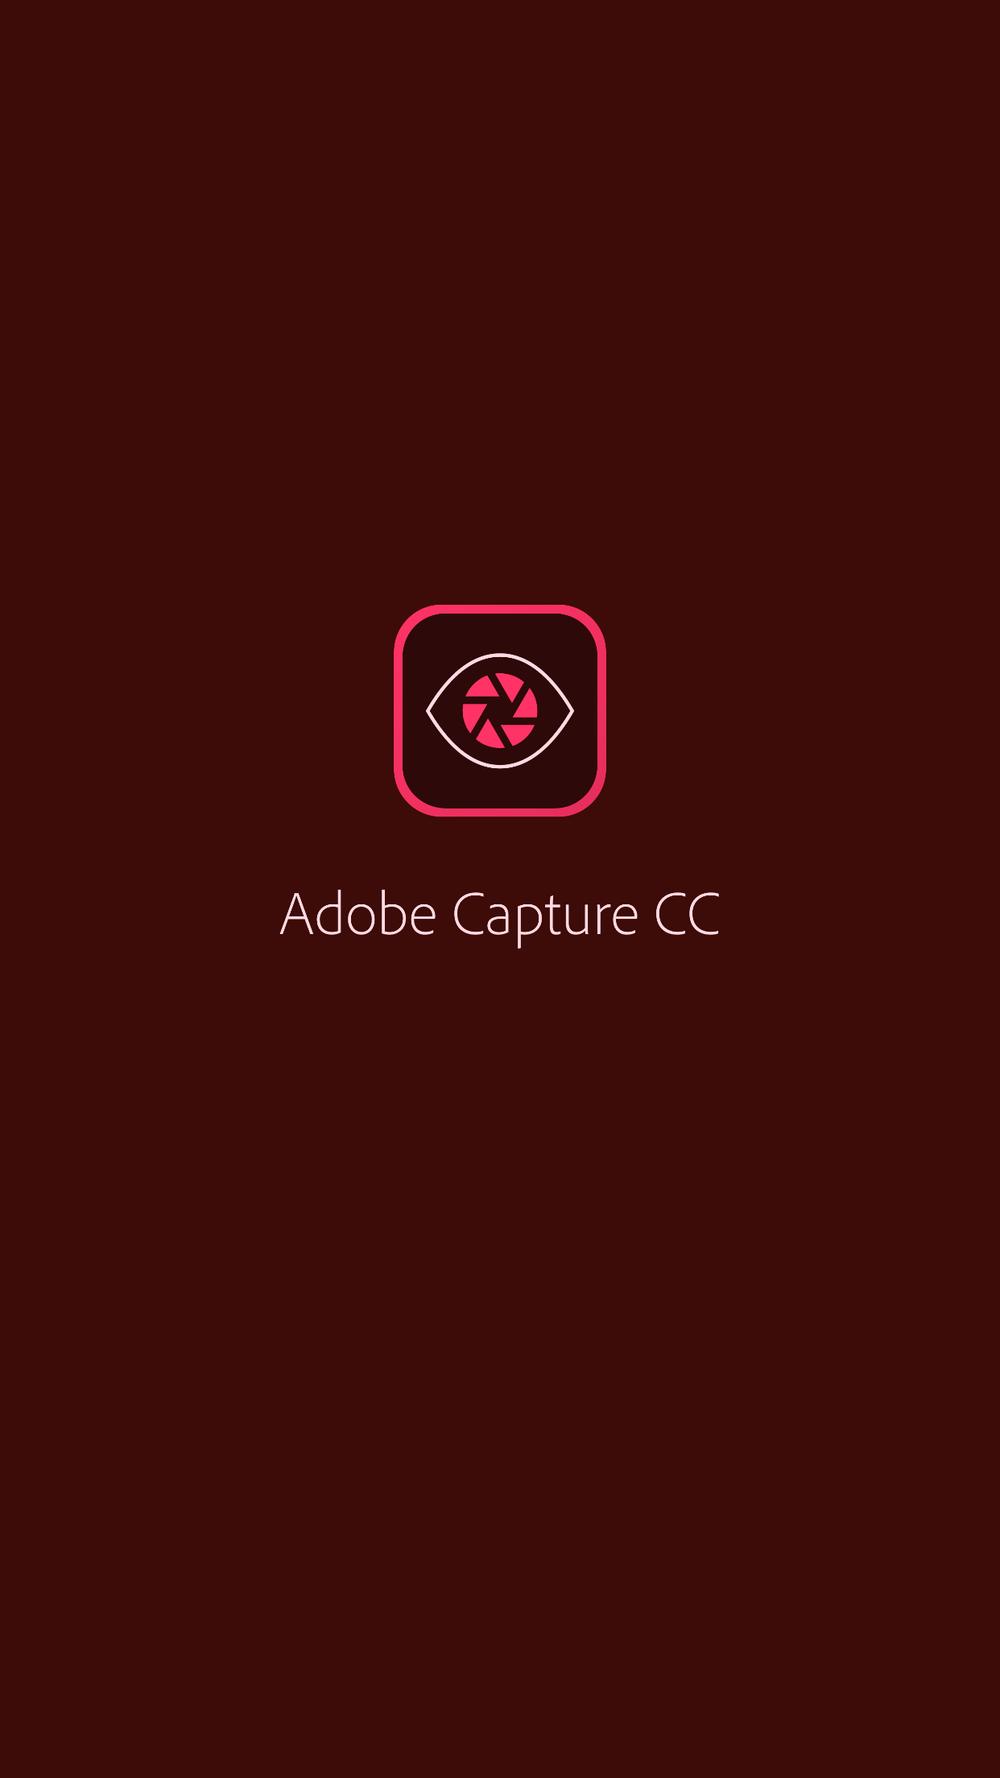 Adobe Capture Happy Valentines - 1